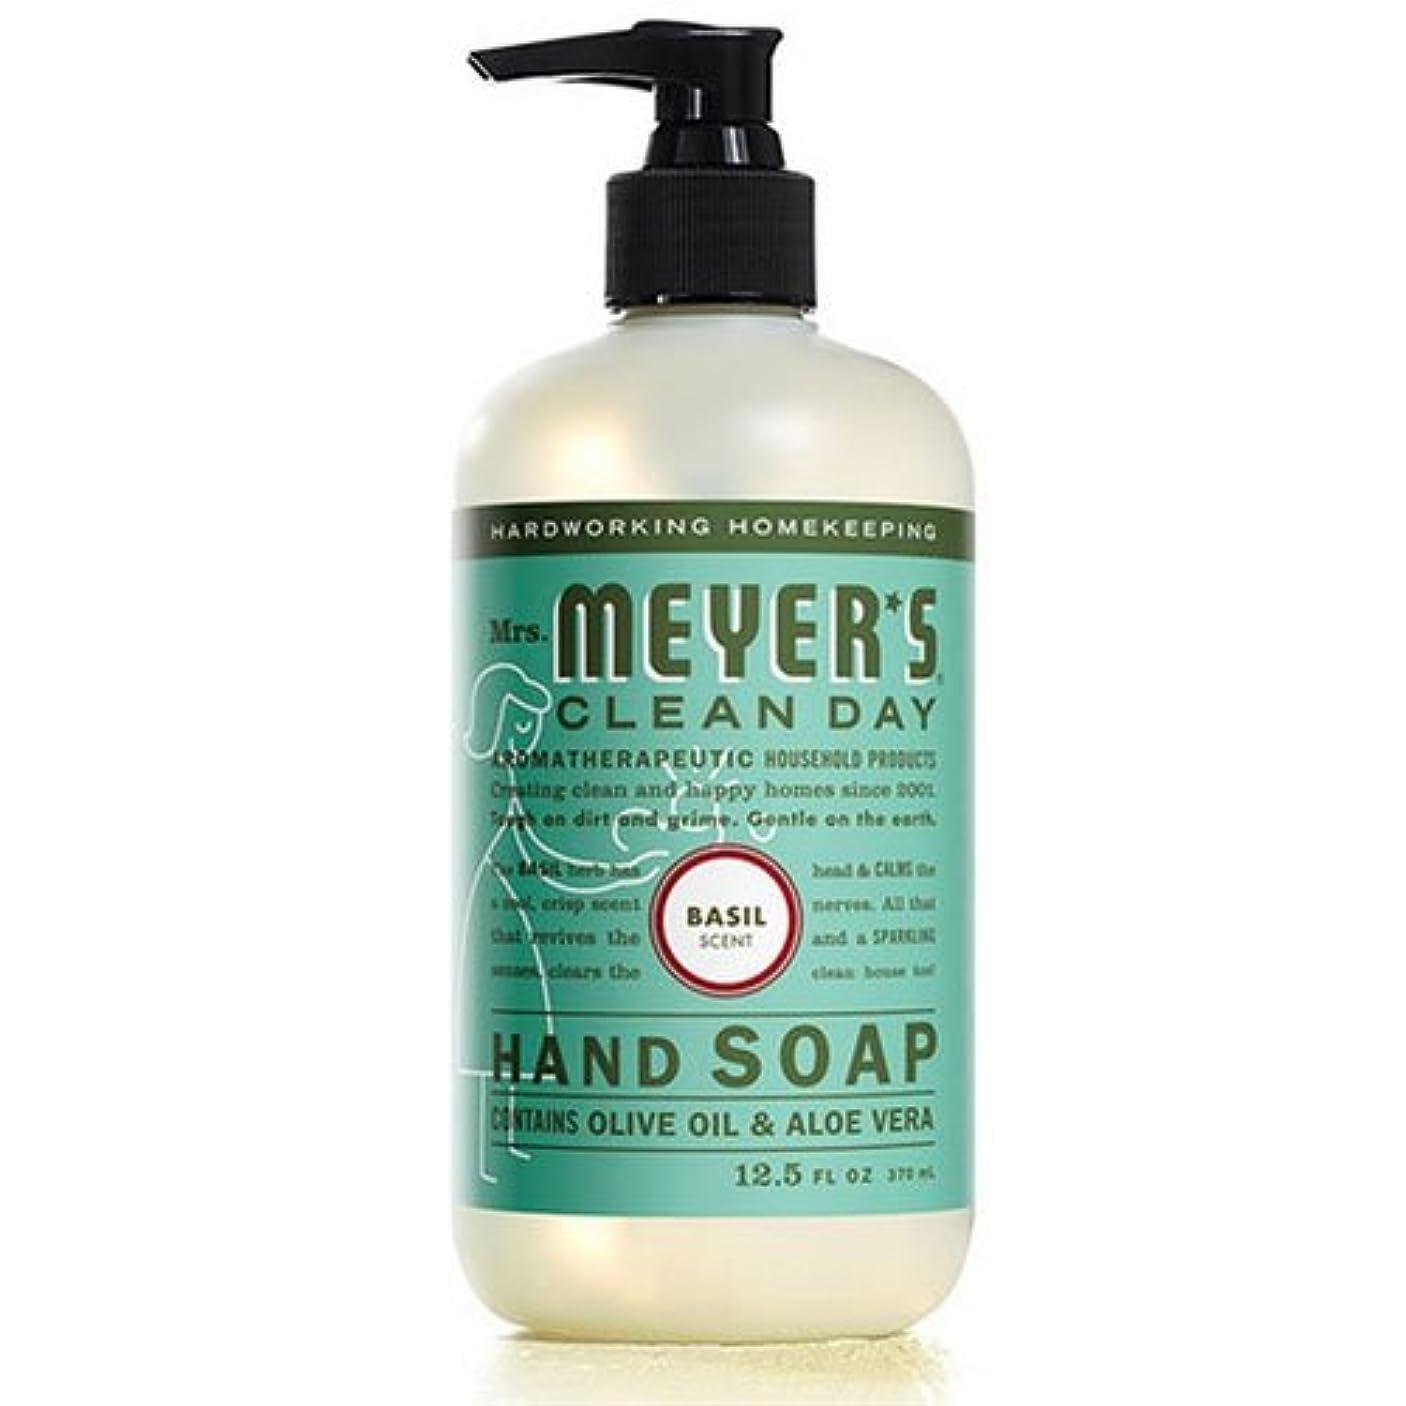 ゆでるケーブル想起Mrs. Meyers's Hand Soap, Liq, Basil, 12.5 FZ by Mrs. Meyers